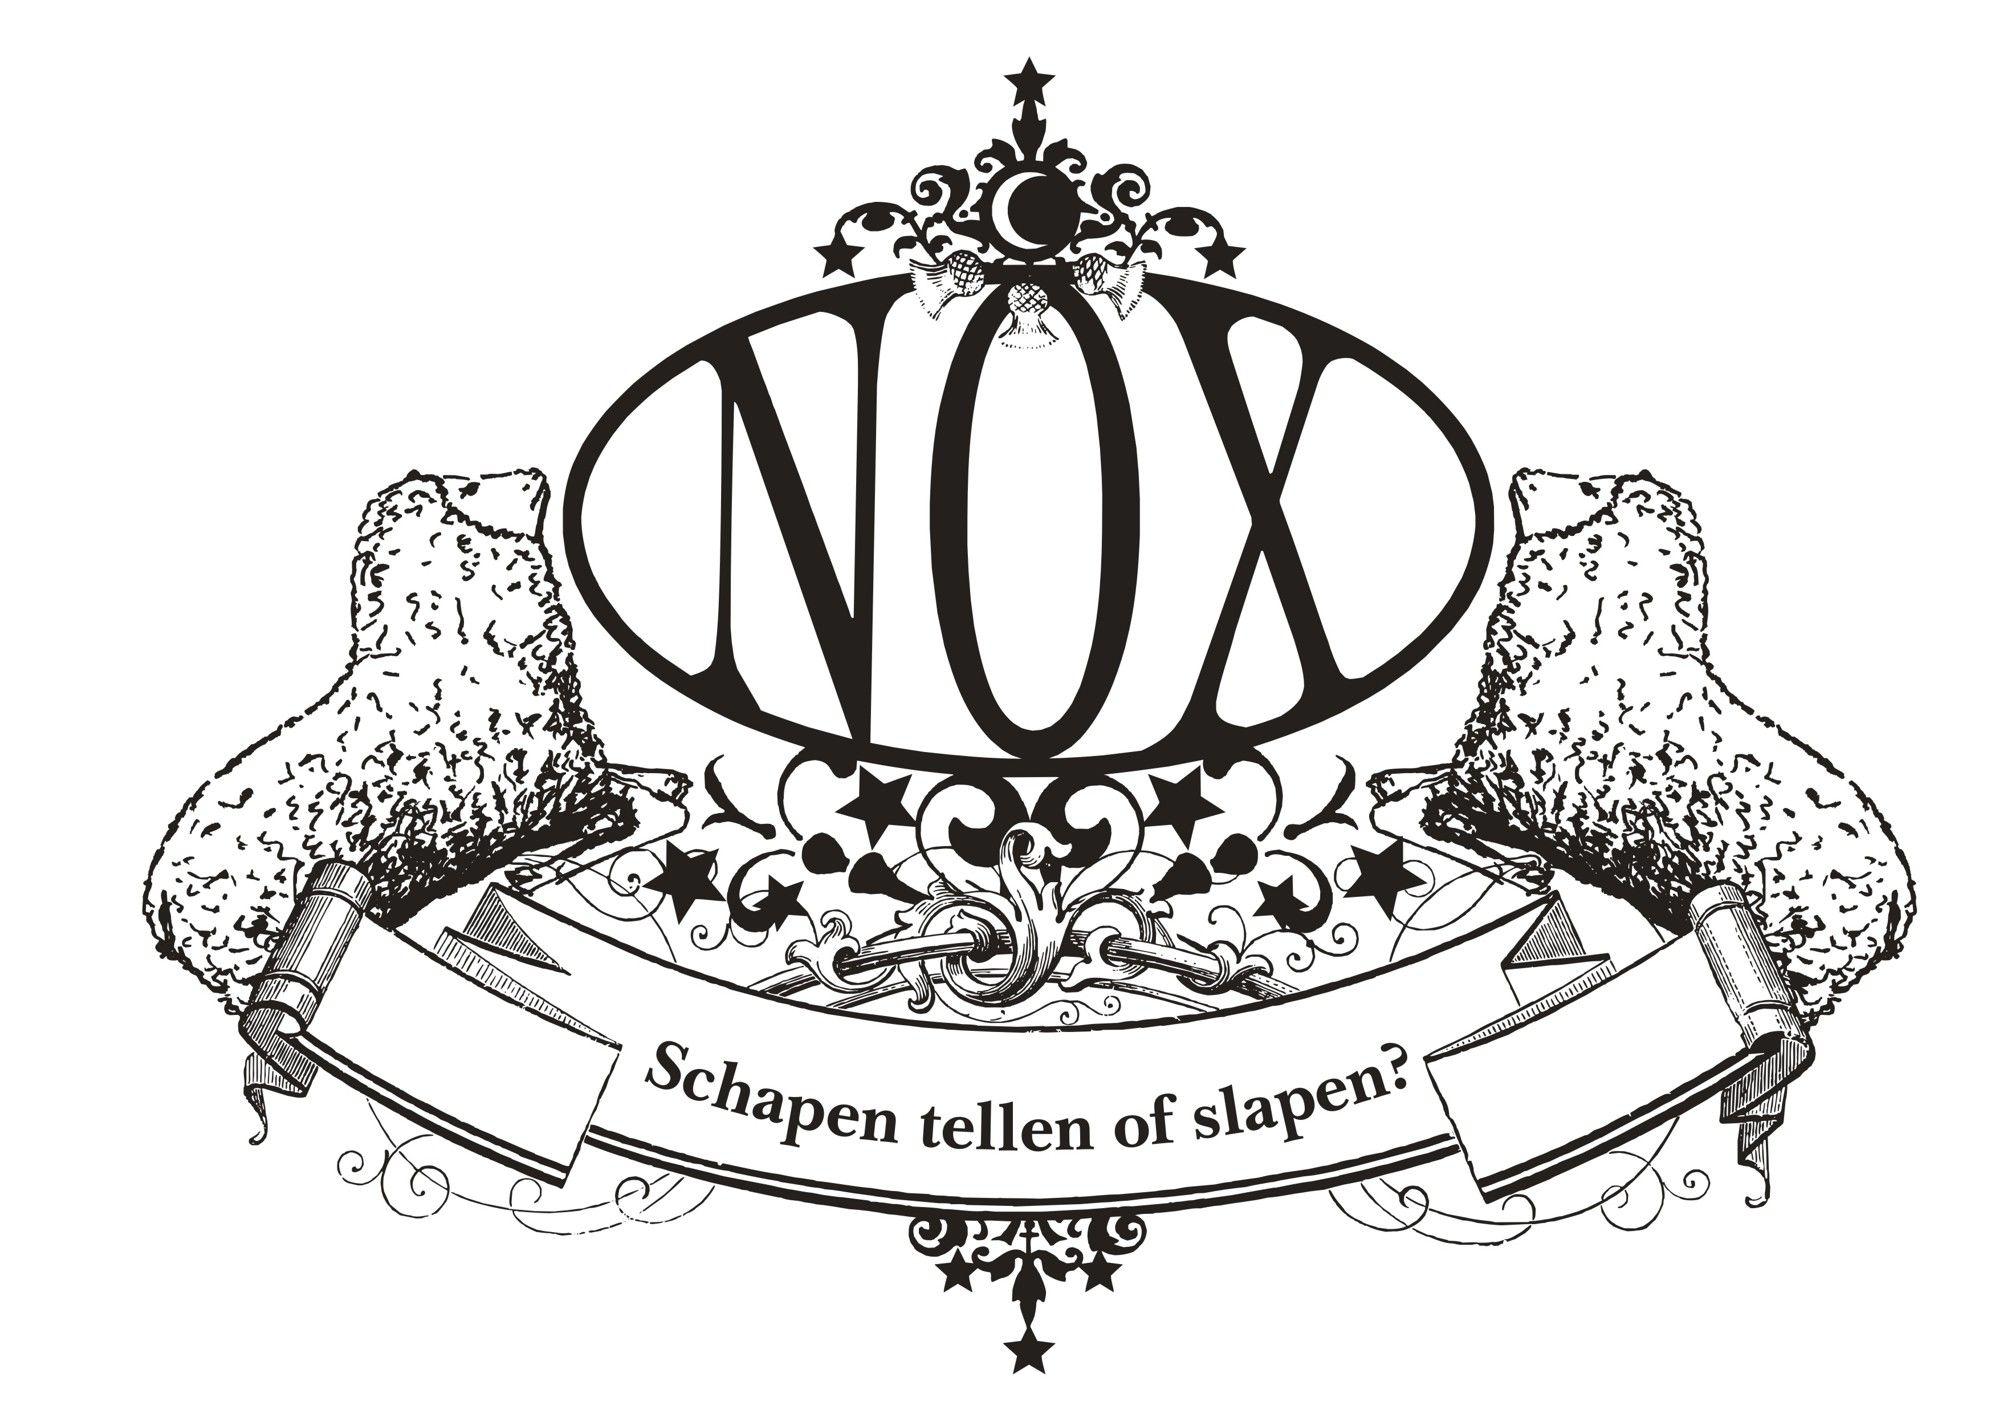 nox-nl-pos